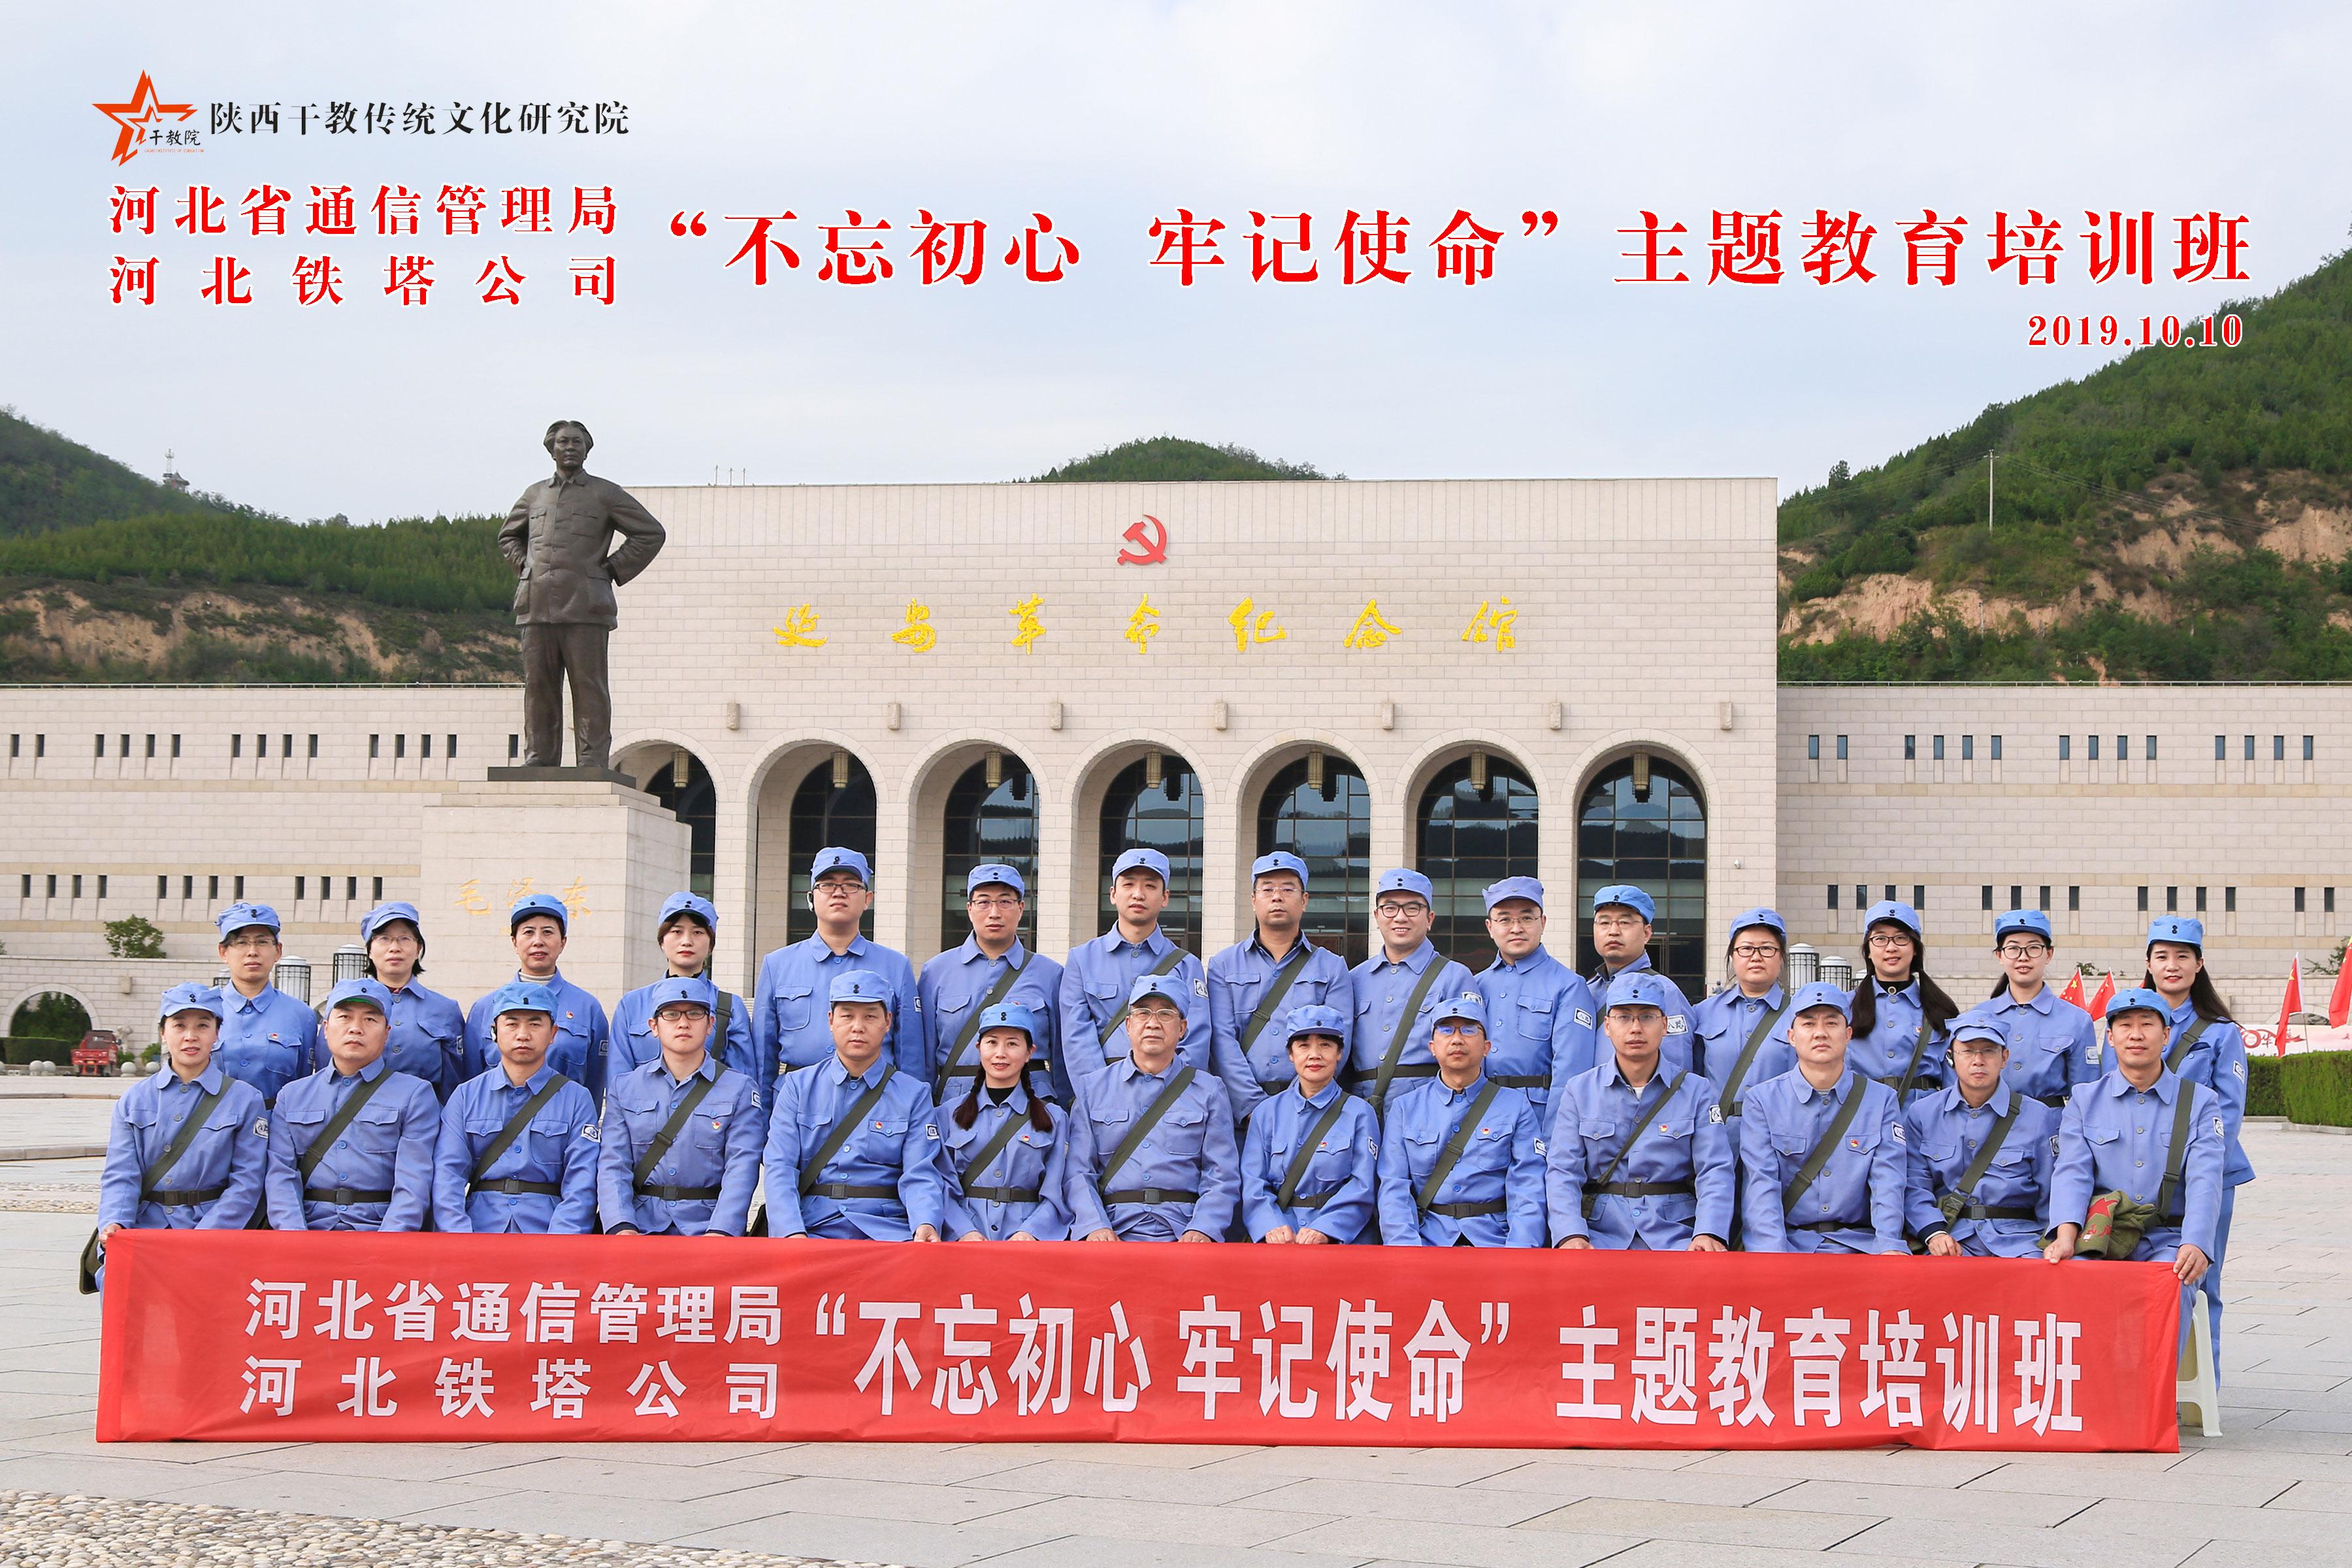 陕西正领文化研究院 | 庆河北省通信管理局、河北铁塔公司本次主